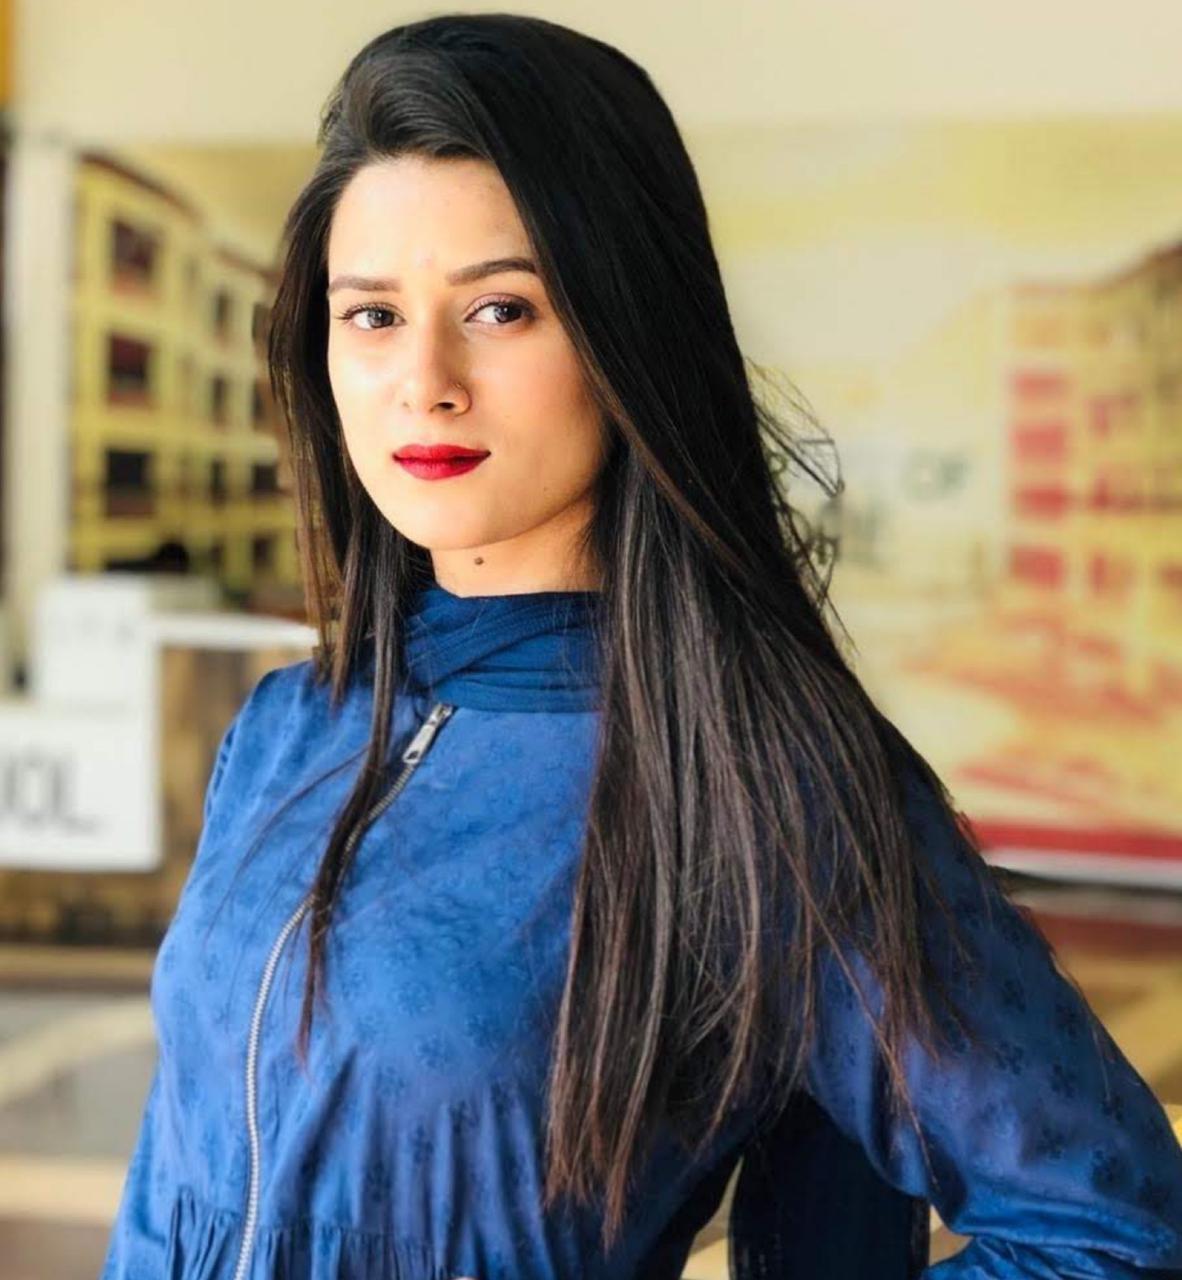 Dr. Maira Khan